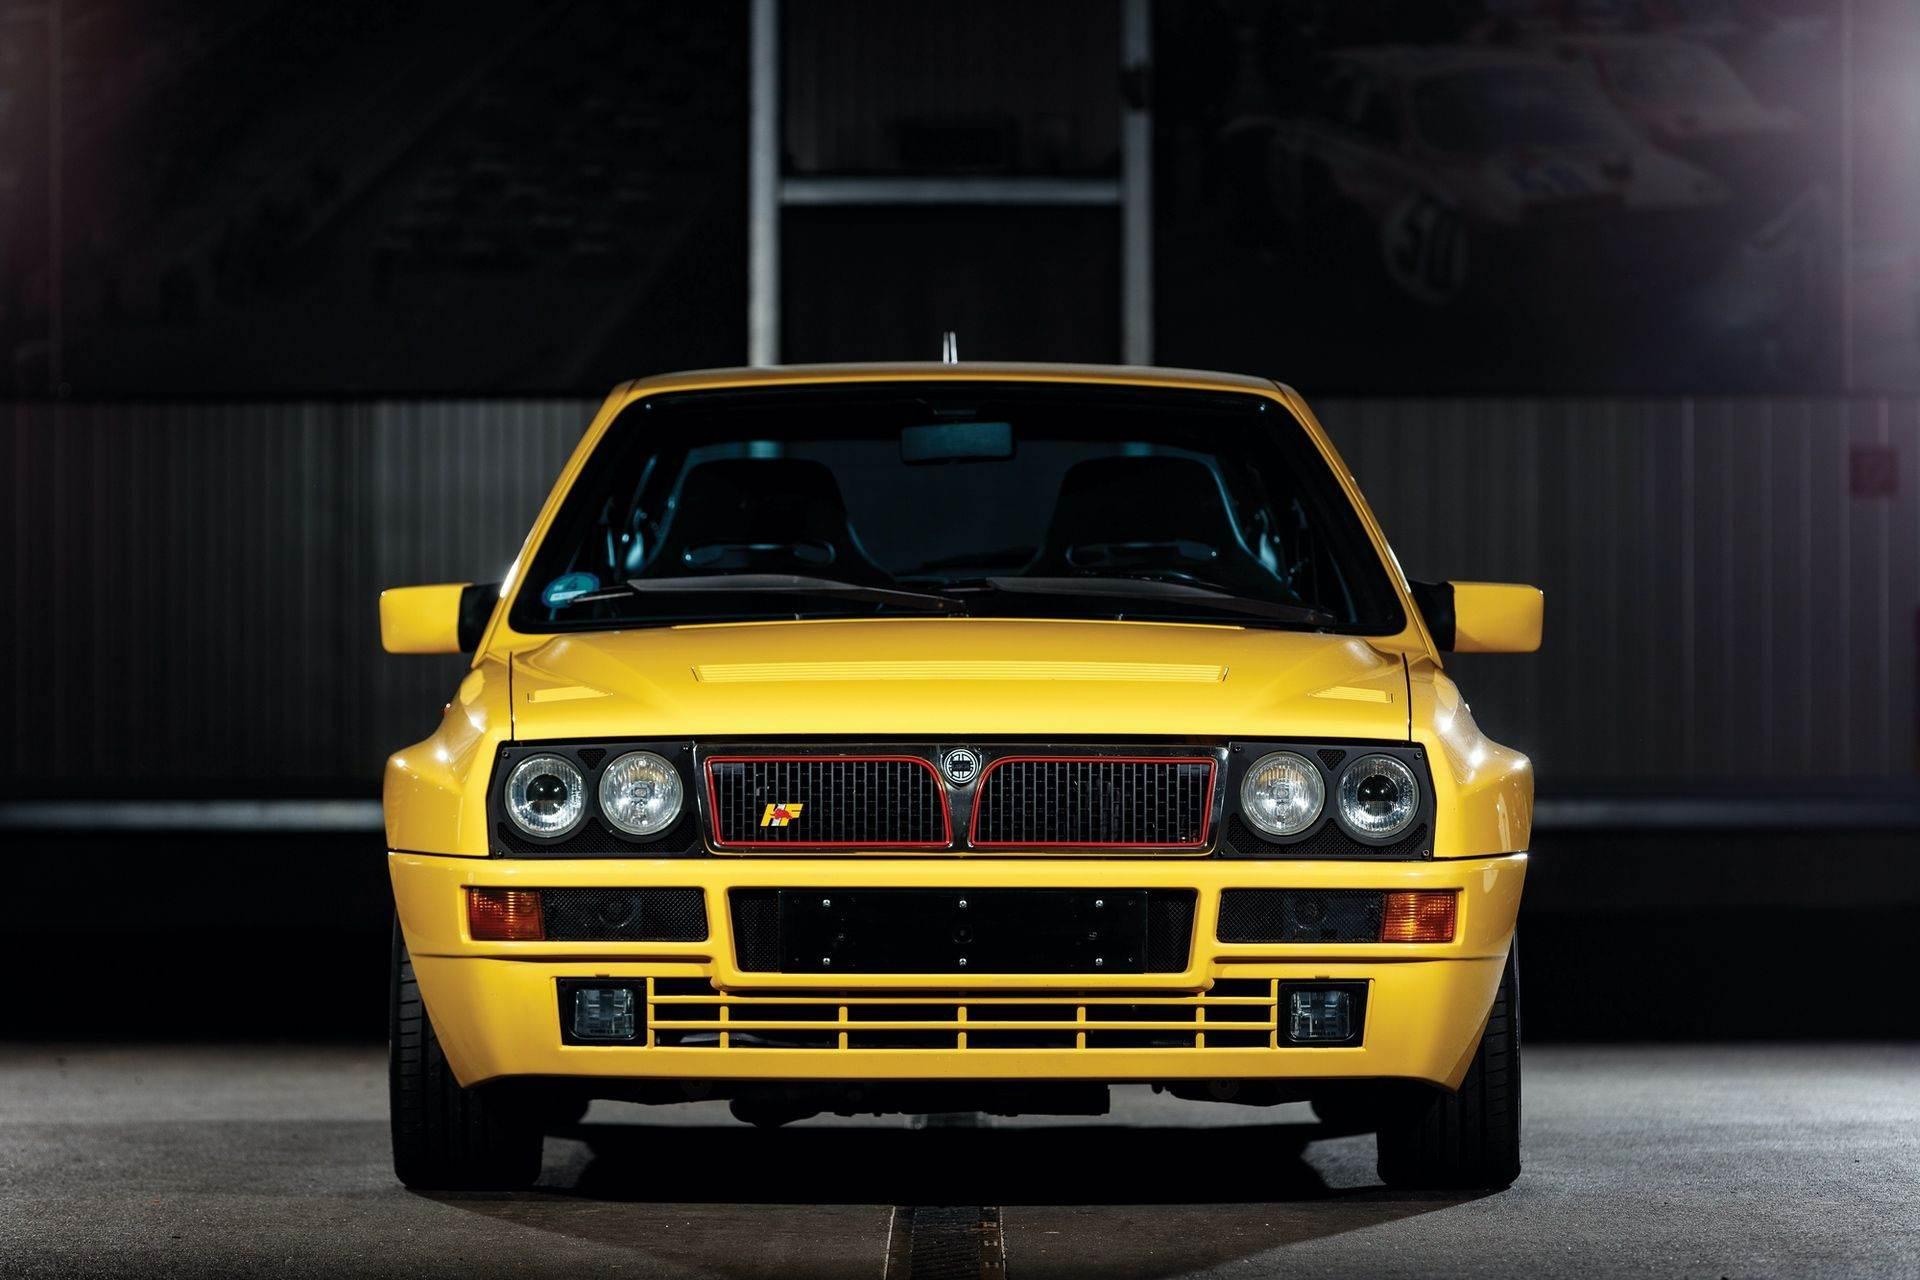 1993-Lancia-Delta-HF-Integrale-Evoluzione-II-_7